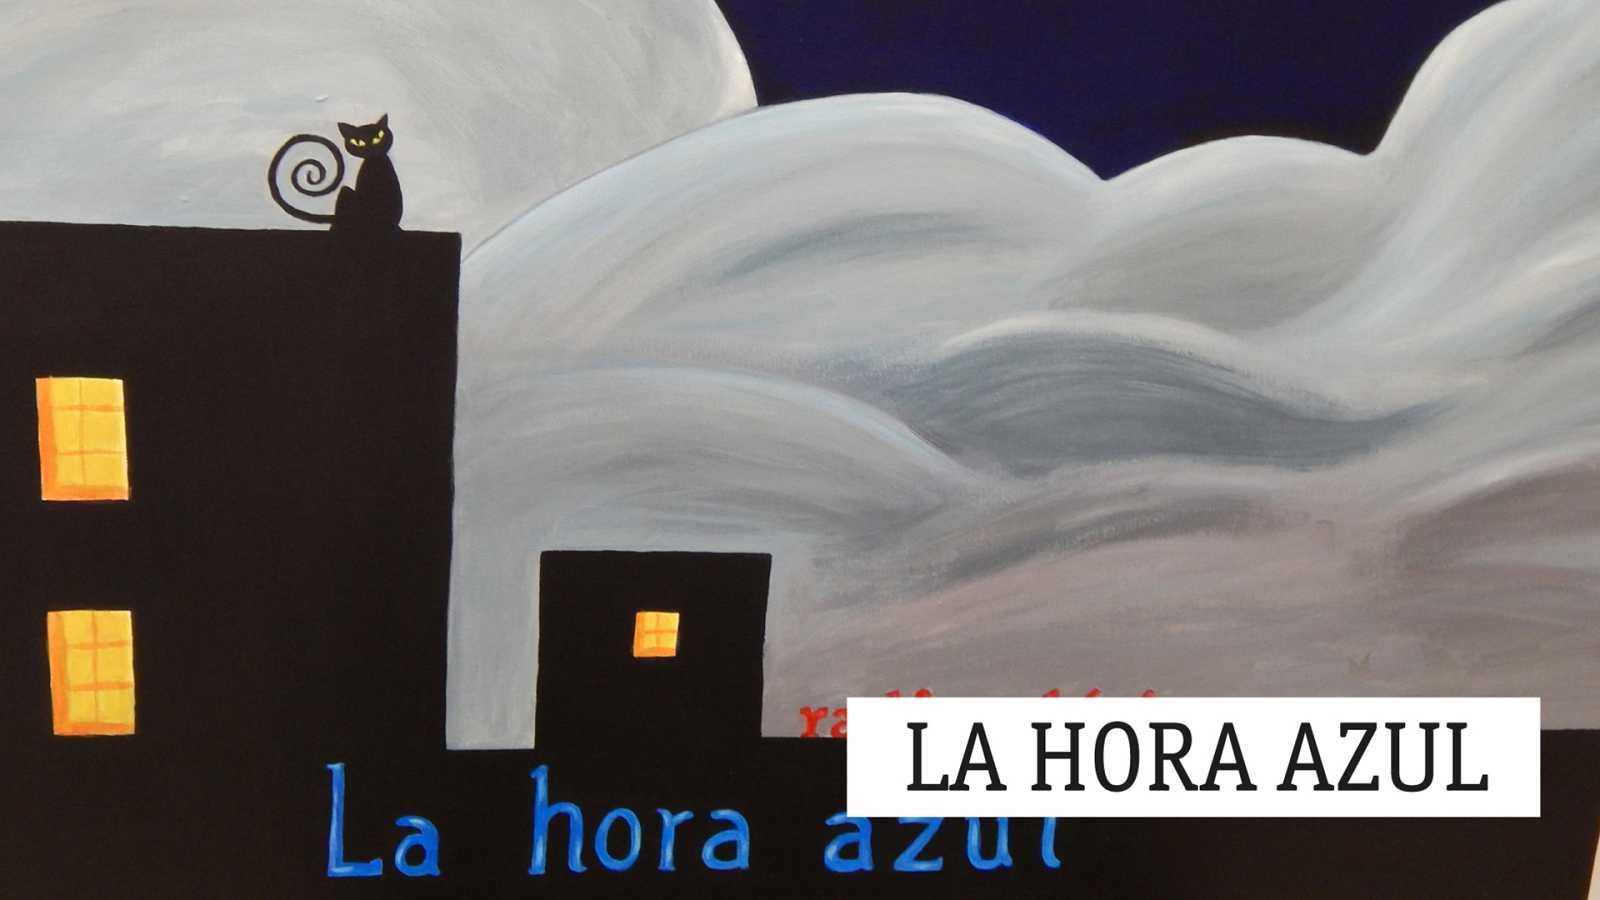 La hora azul - Valor, amor y el soldadito de plomo - 10/06/21 - escuchar ahora